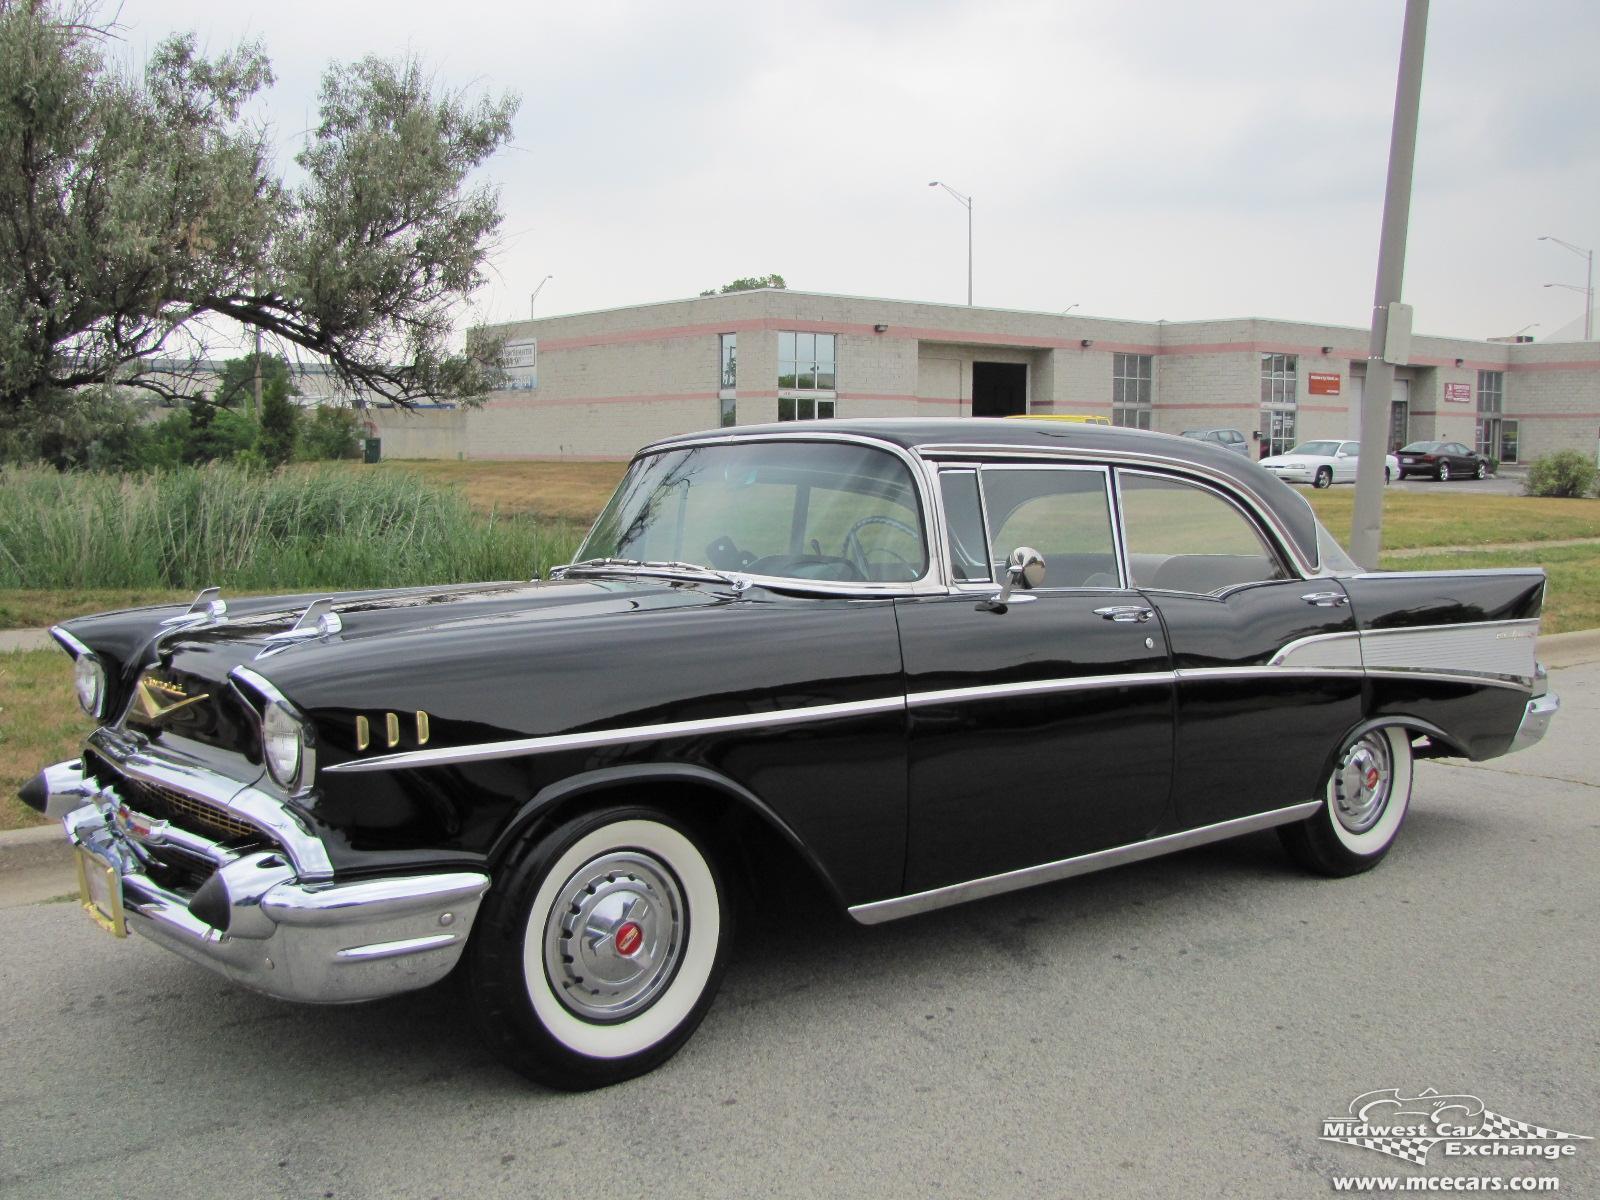 Chevrolet bel air 4 door hardtop photos reviews news for 1957 chevy bel air 4 door hardtop for sale